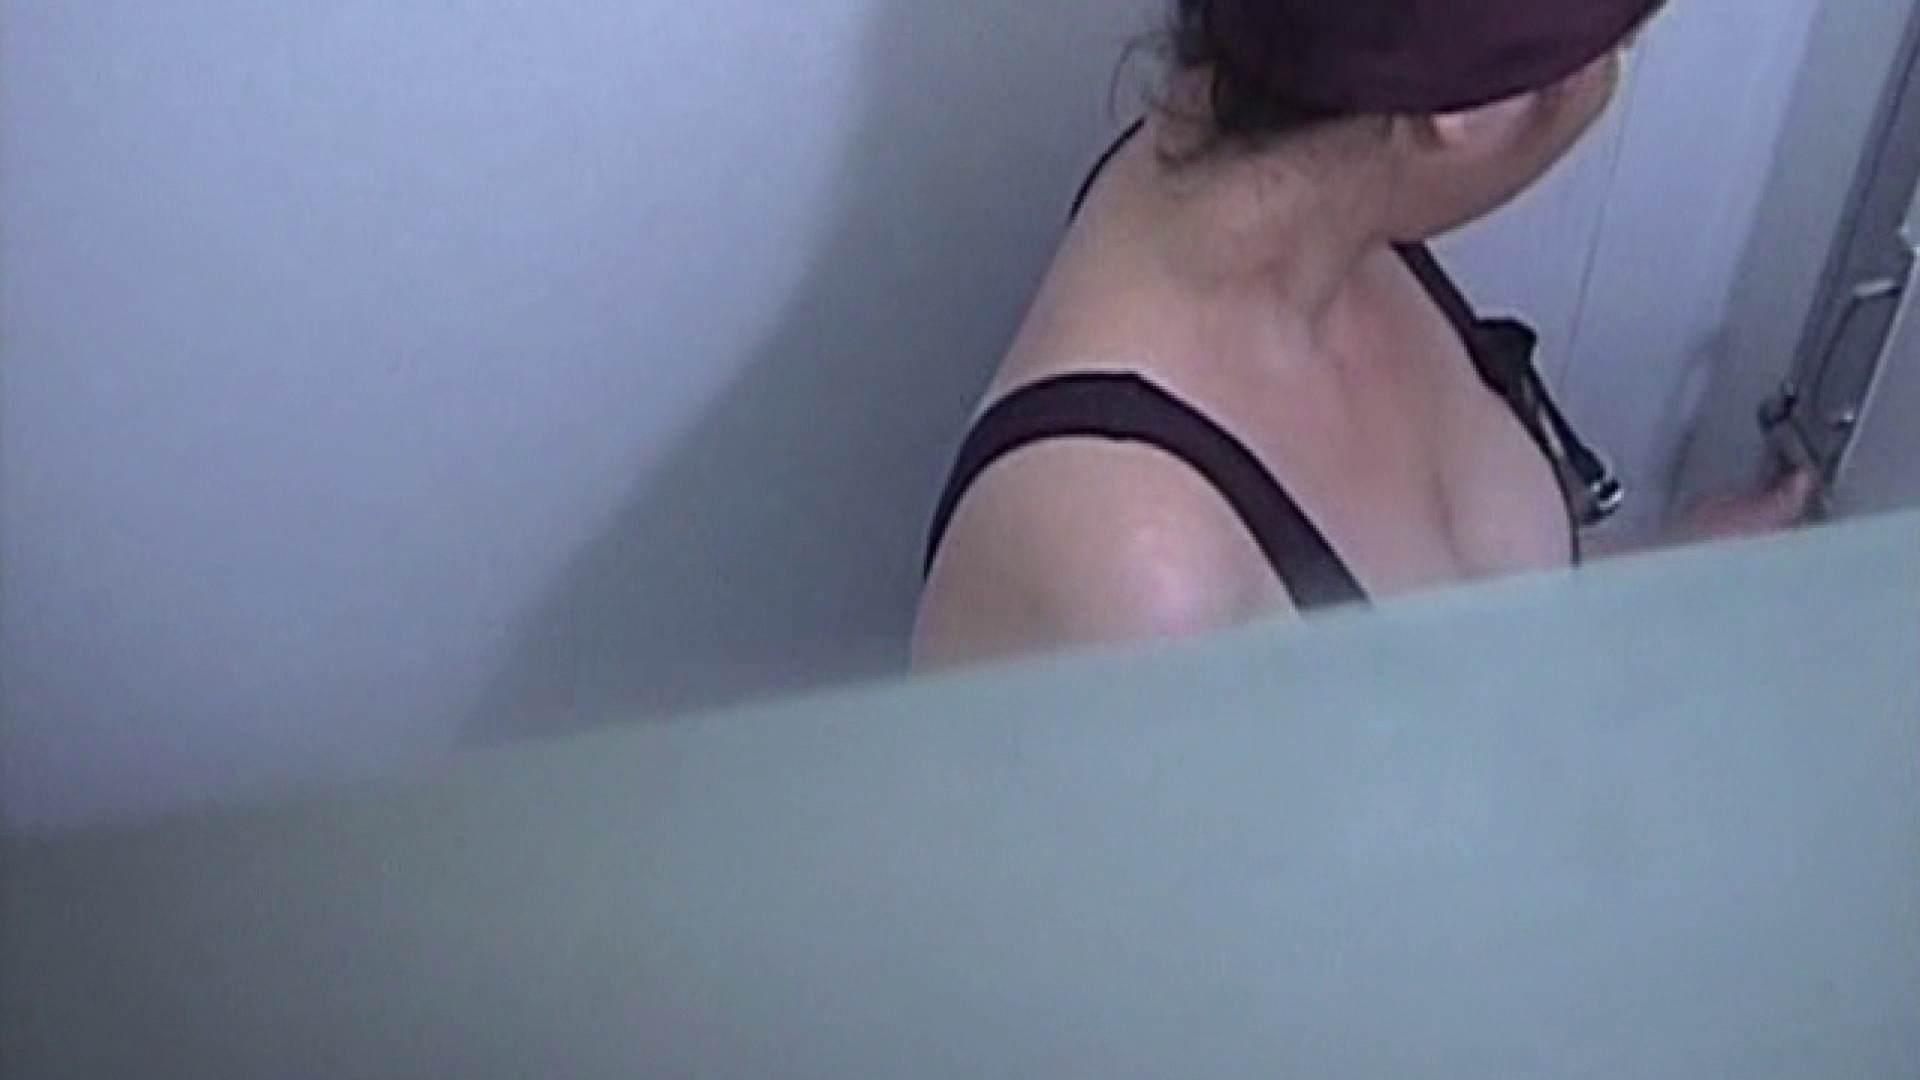 スイミングスクール厠盗撮!vol.03 盗撮 セックス画像 105画像 17